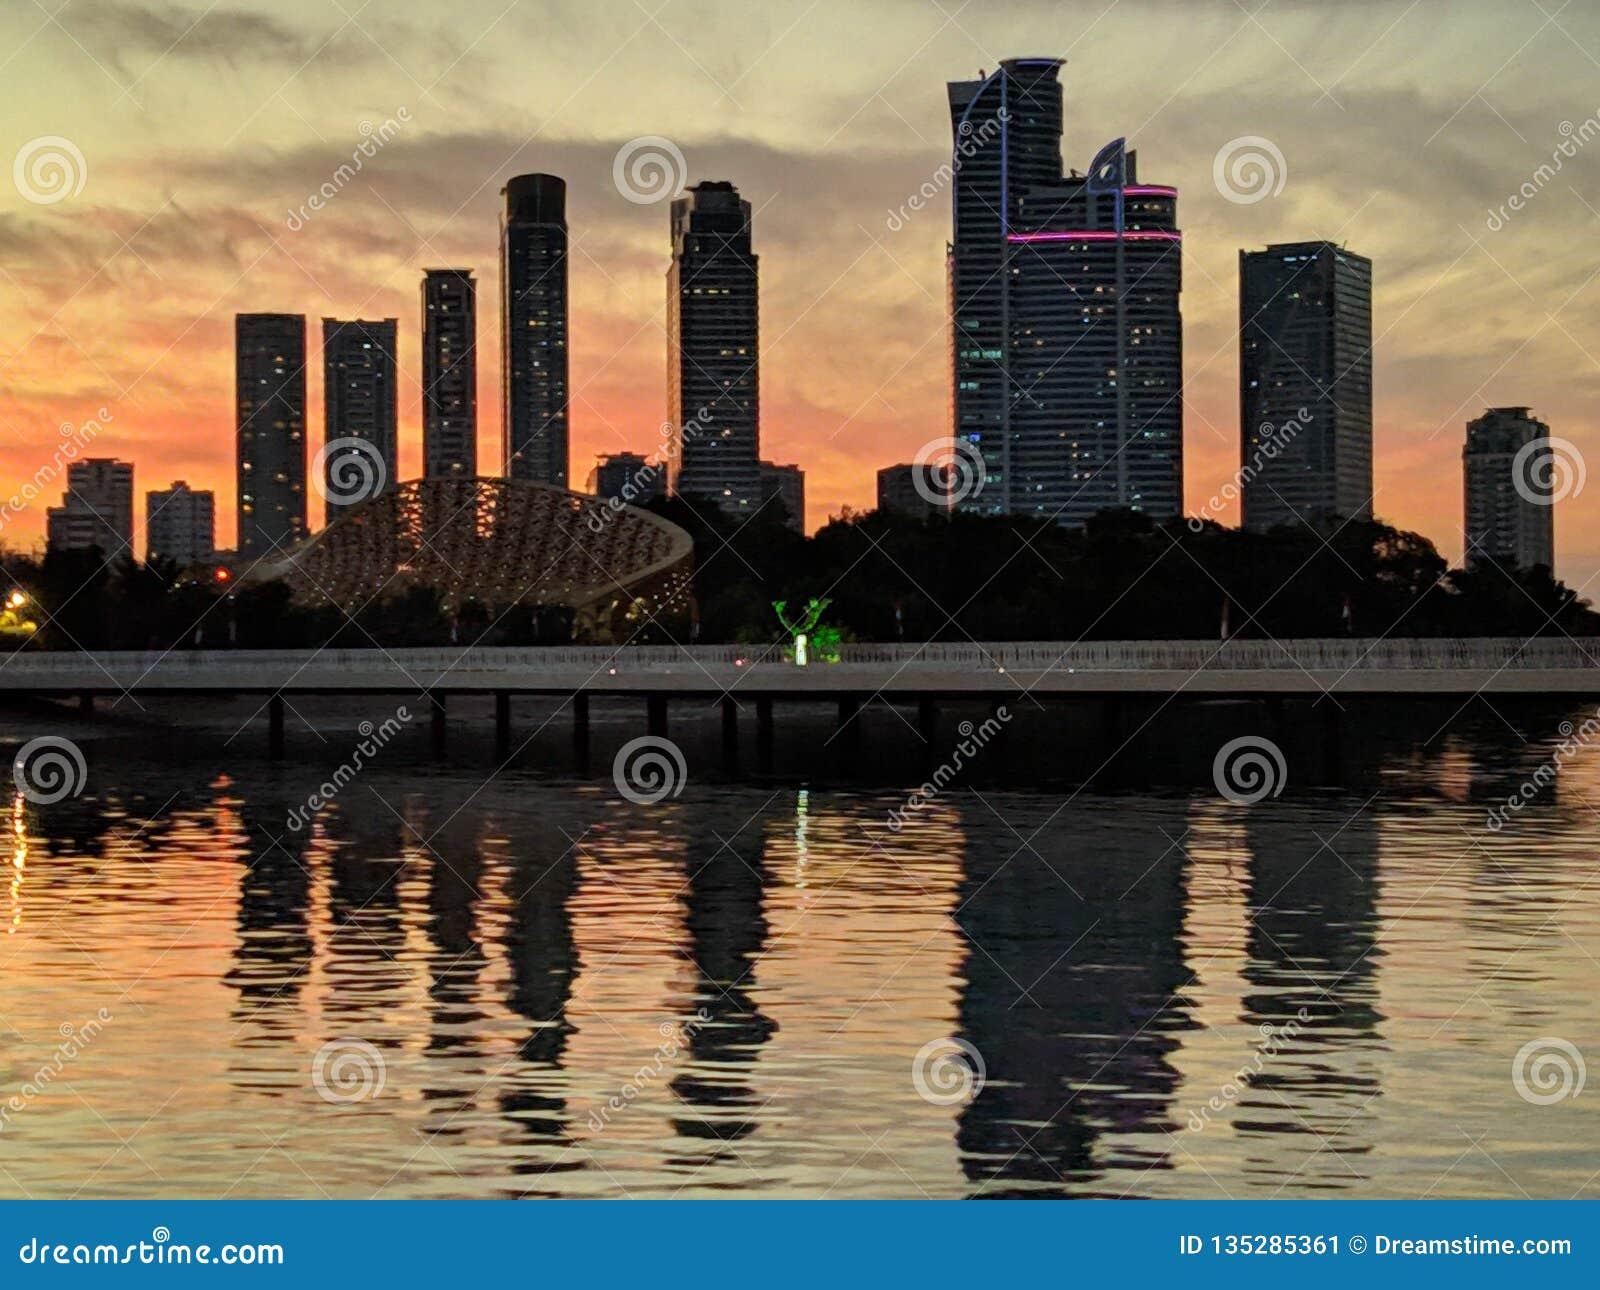 Rascacielos cerca del agua contra el sol poniente